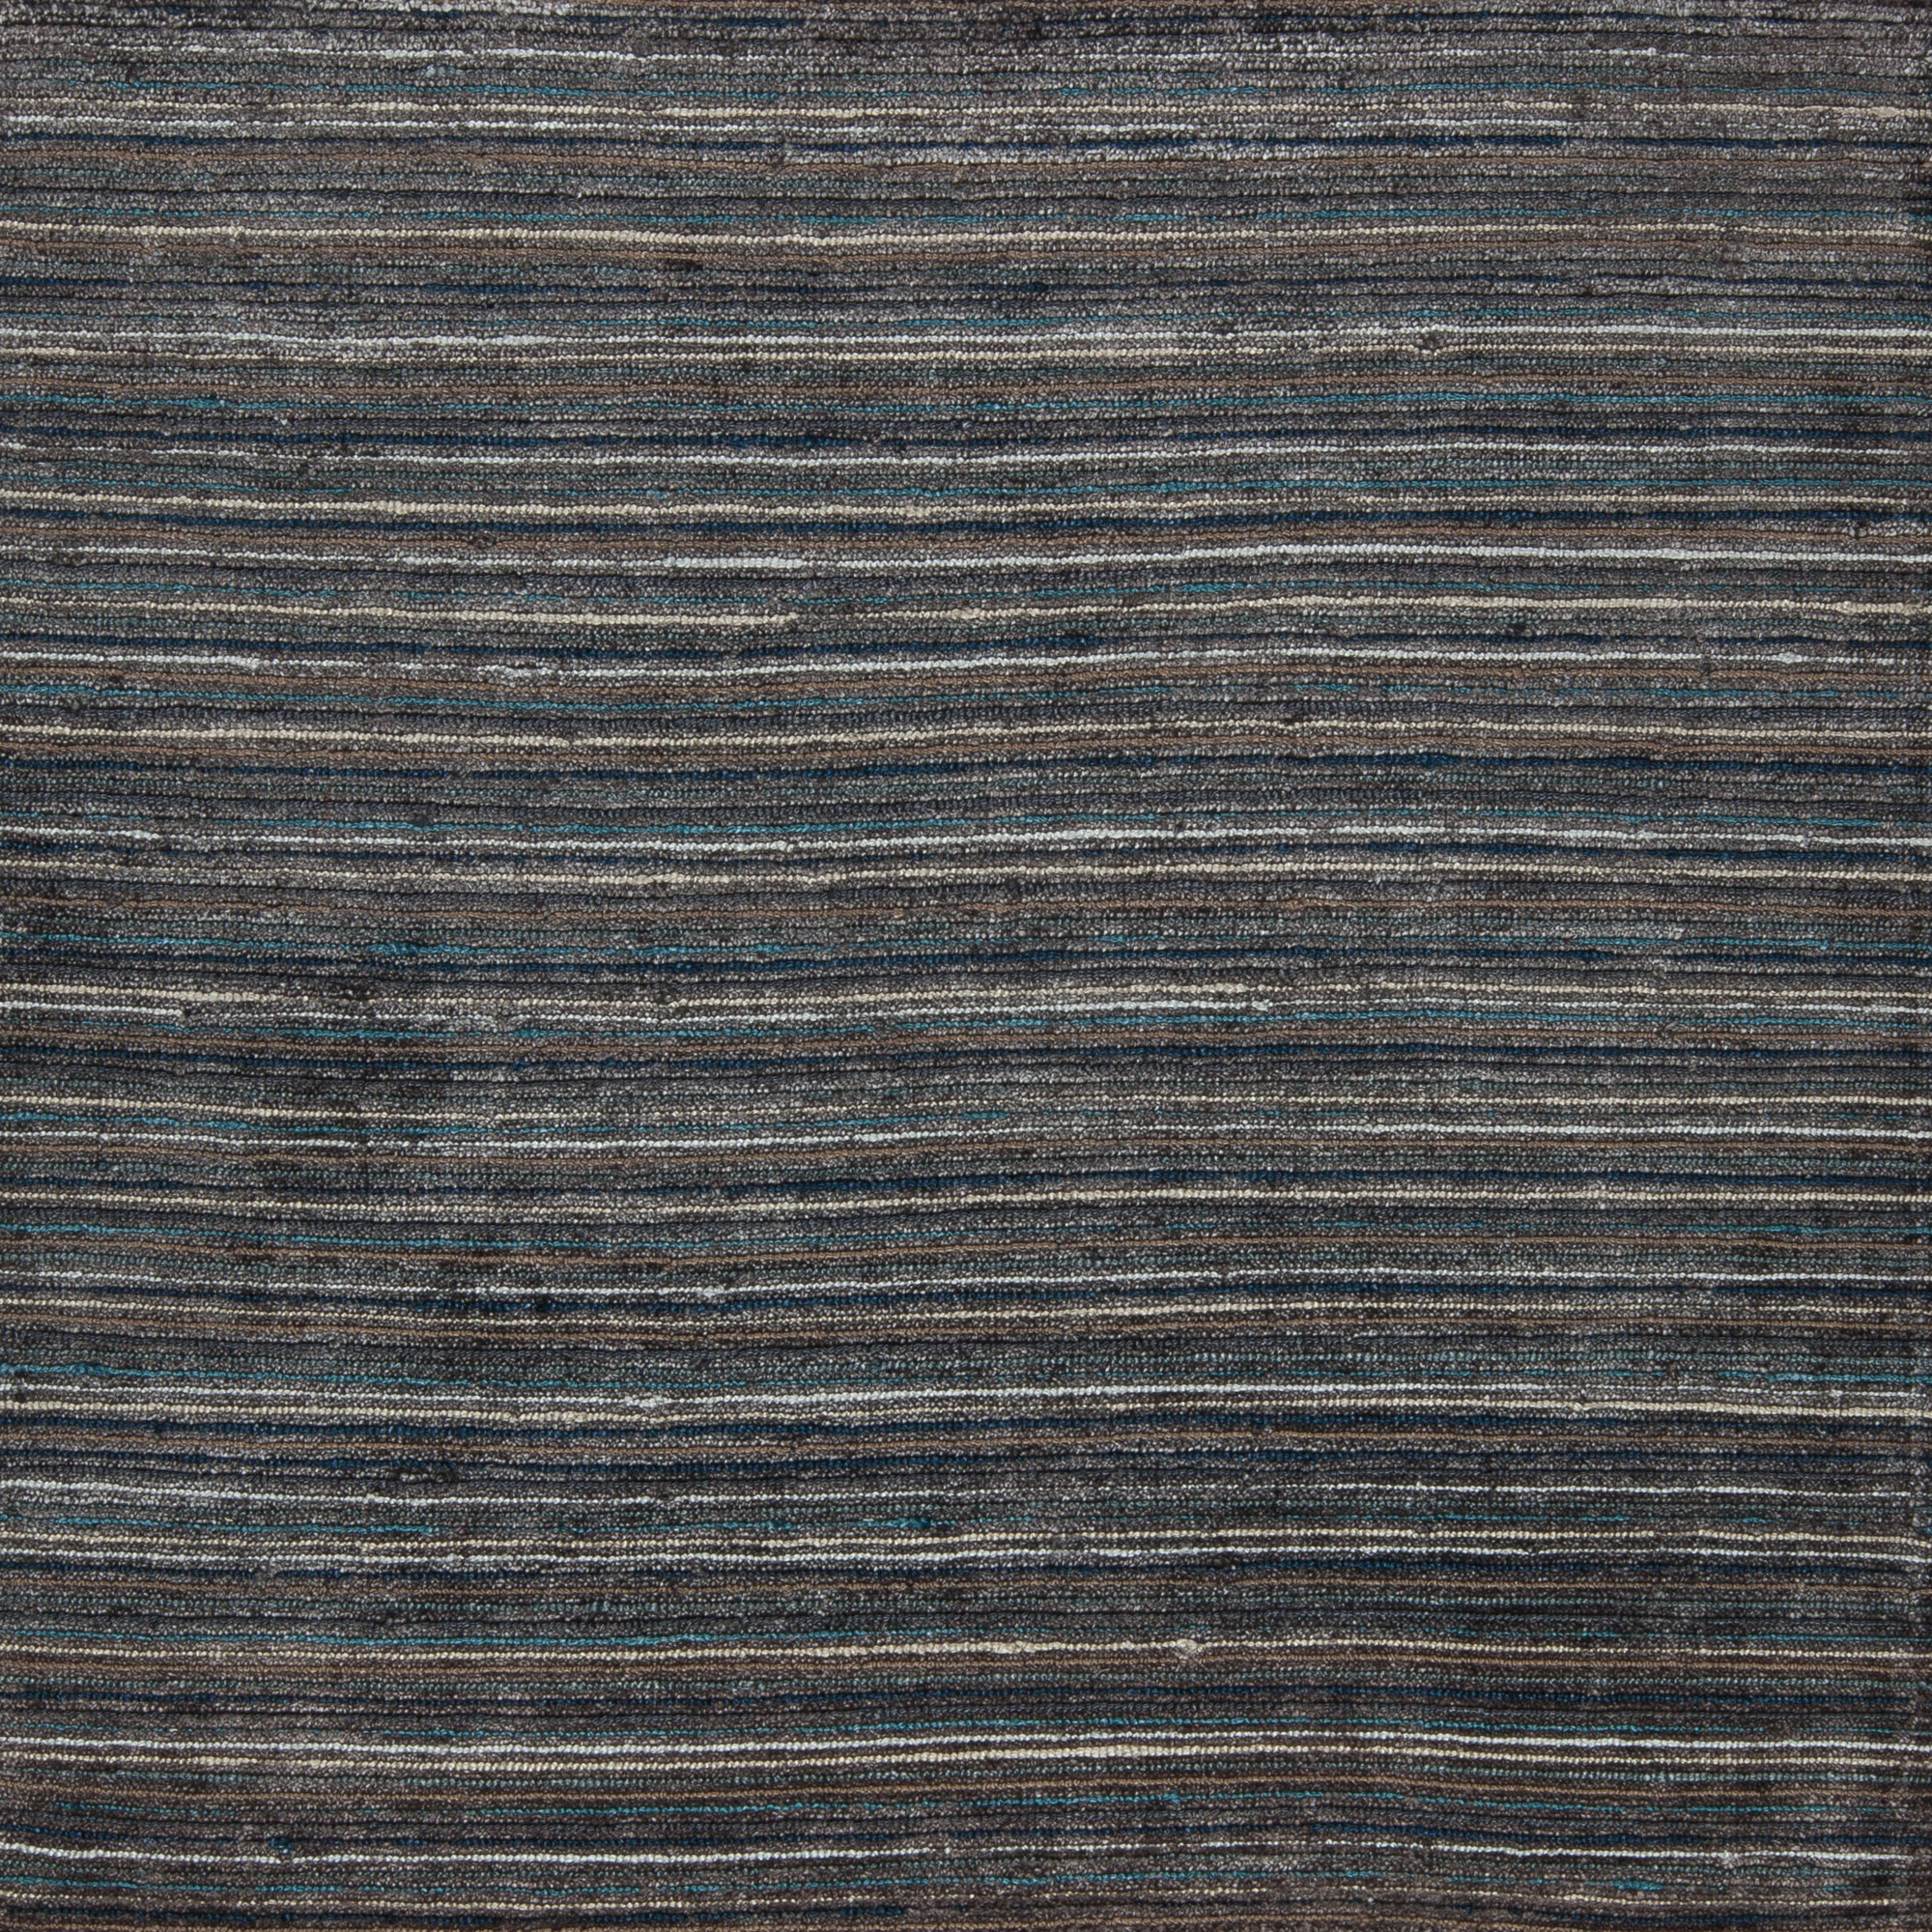 Stripe Custom Rug Design S11514 S11514